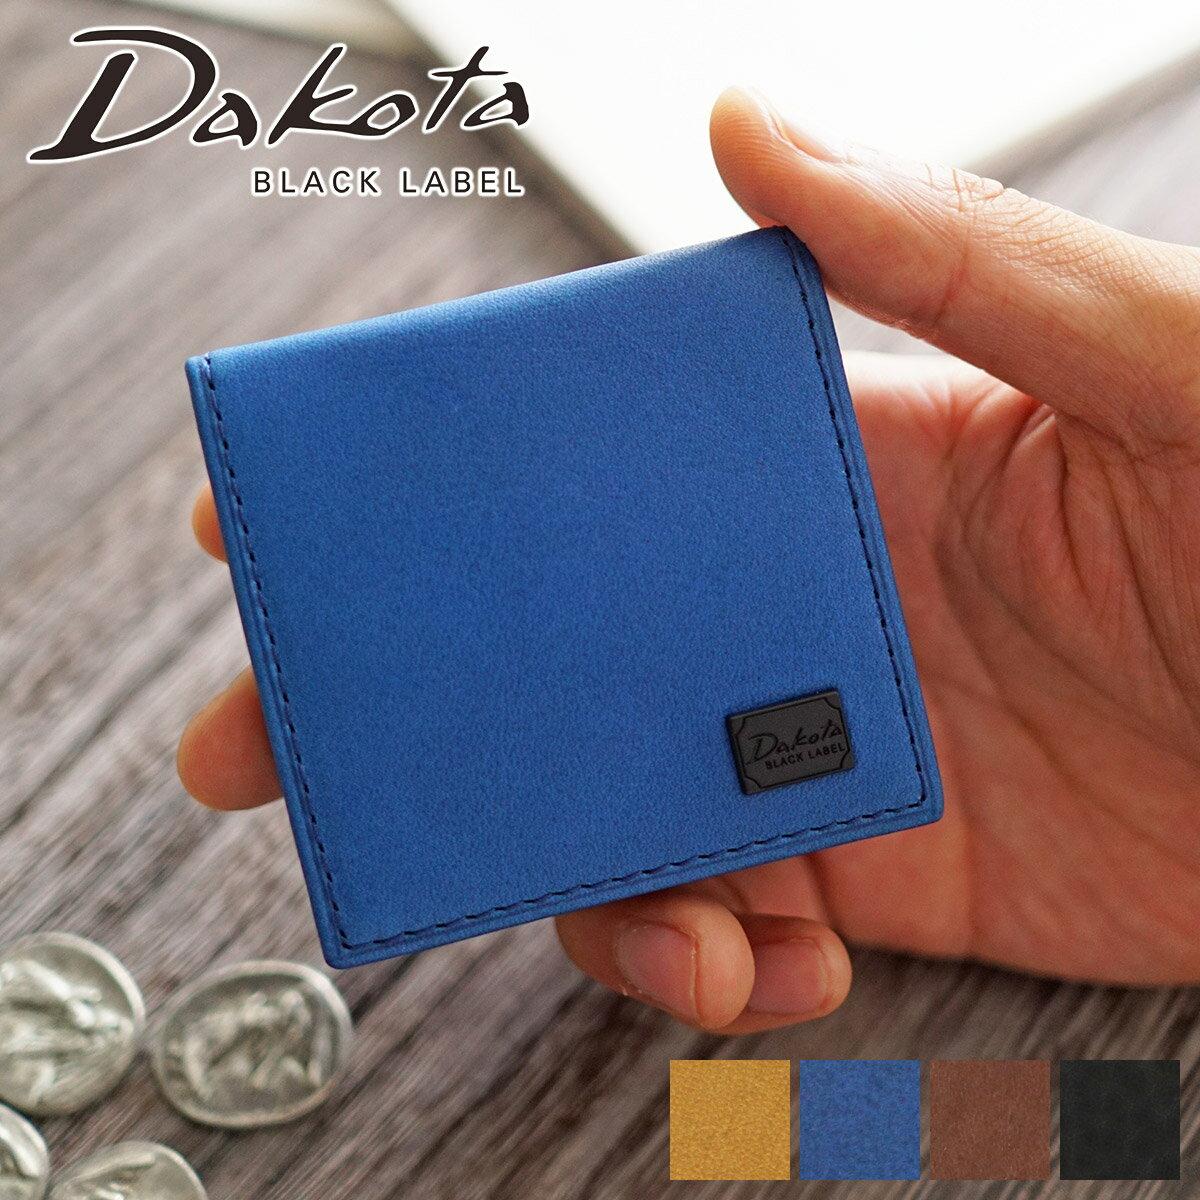 【選べる実用的ノベルティ付】 Dakota BLACK LABEL ダコタ ブラックレーベル 財布ワキシー コインケース 0625906メンズ 財布 コインケース 小銭入れ ギフト プレゼント